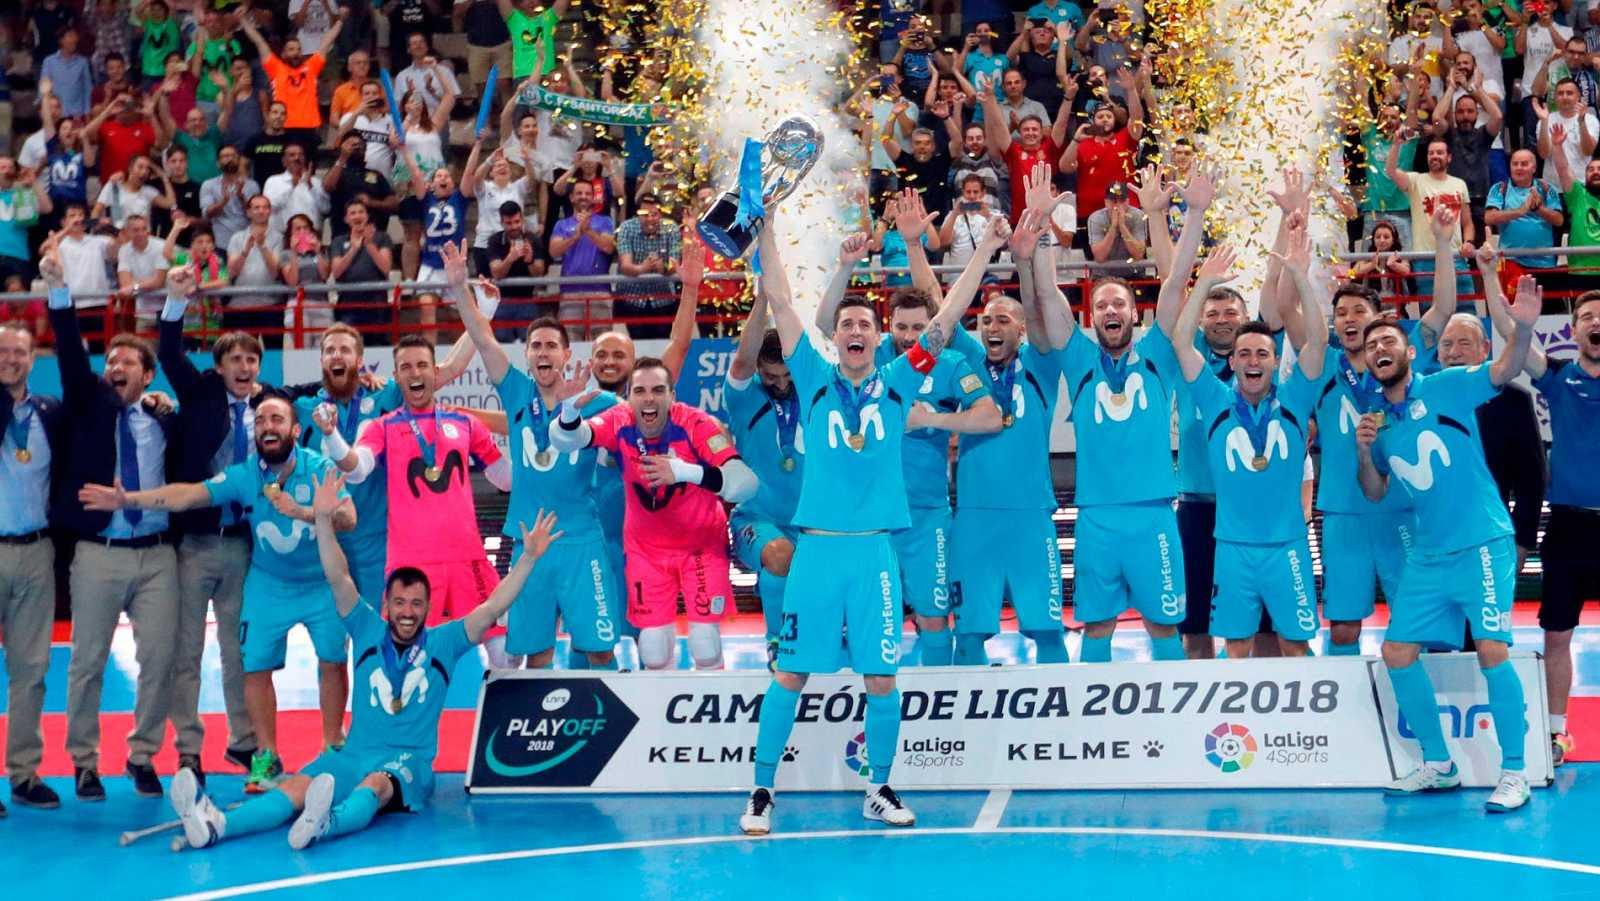 El Inter Movistar gana en los penaltis su quinta liga consecutiva